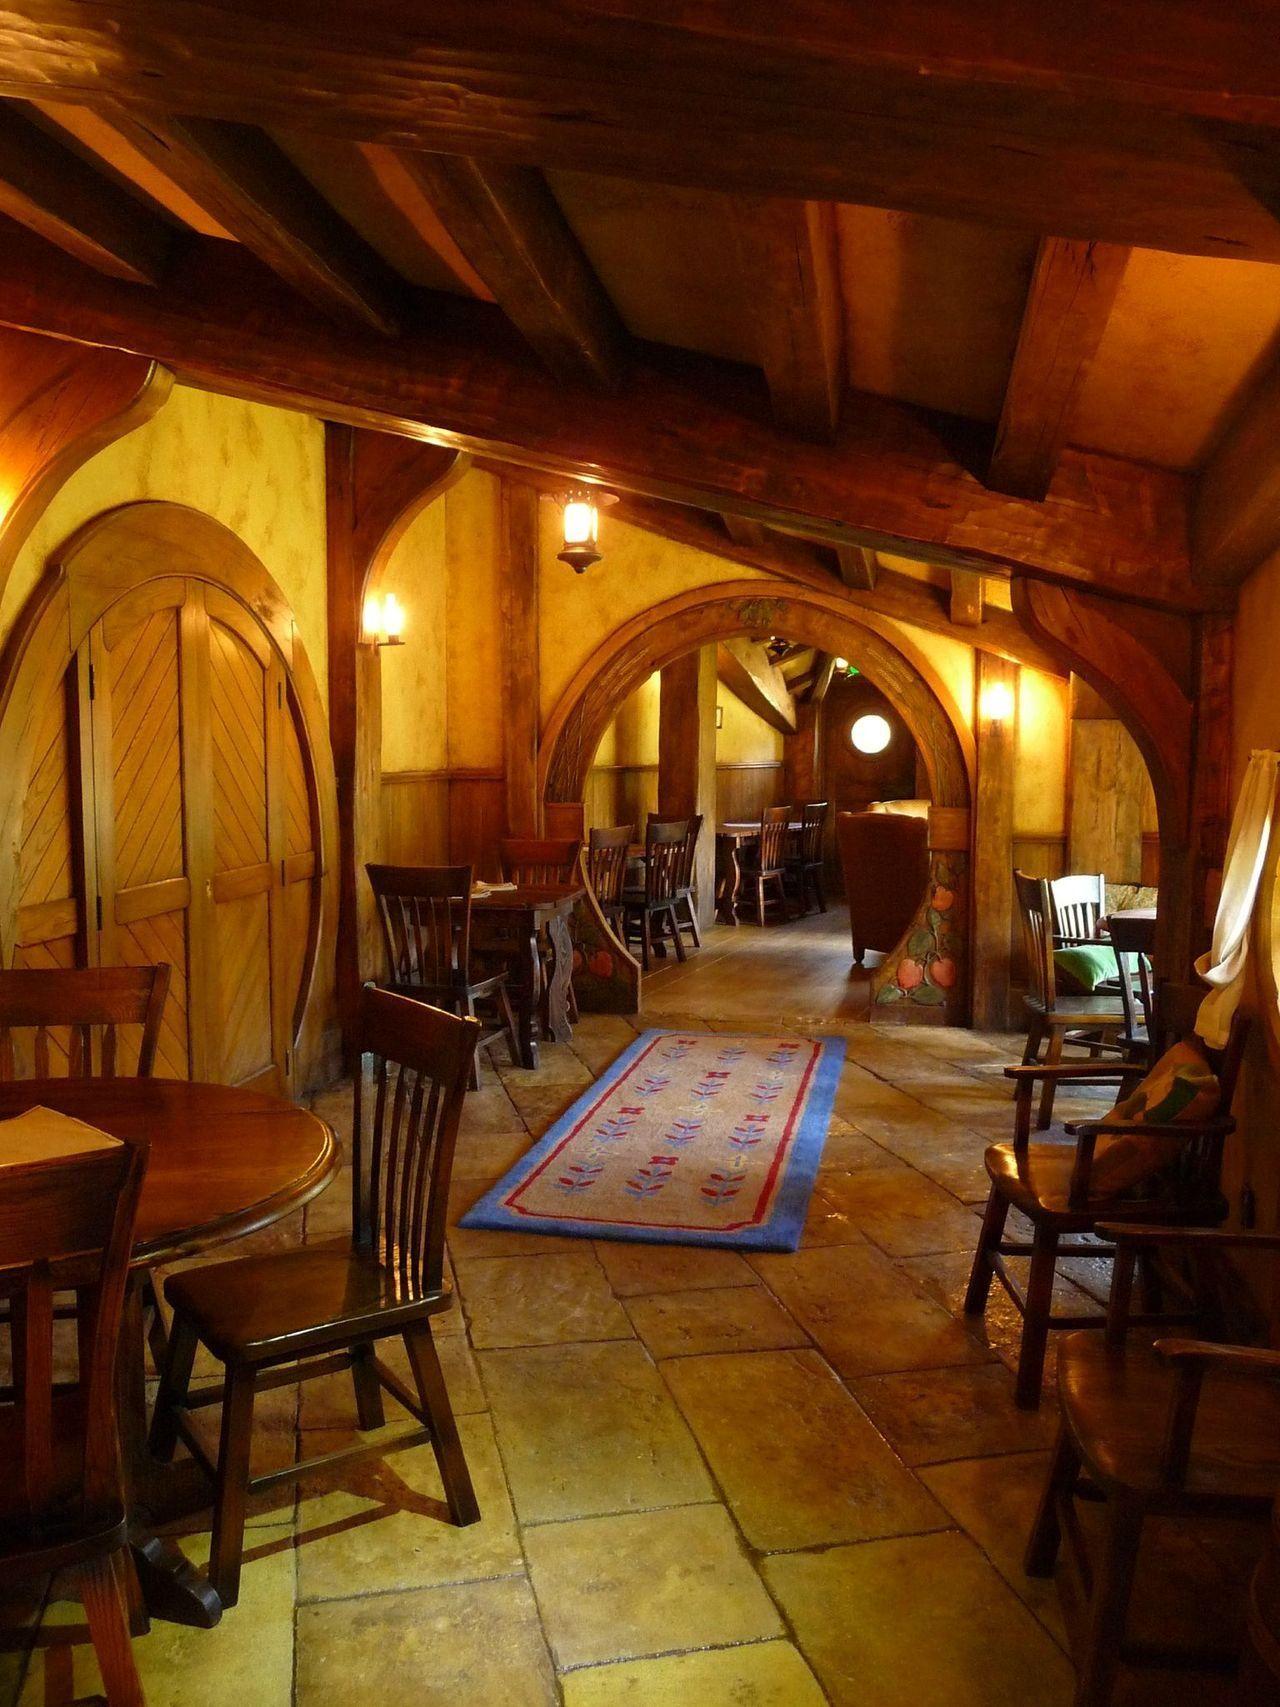 Hobbit House 09 Hobbit Home In 2019 Hobbit House